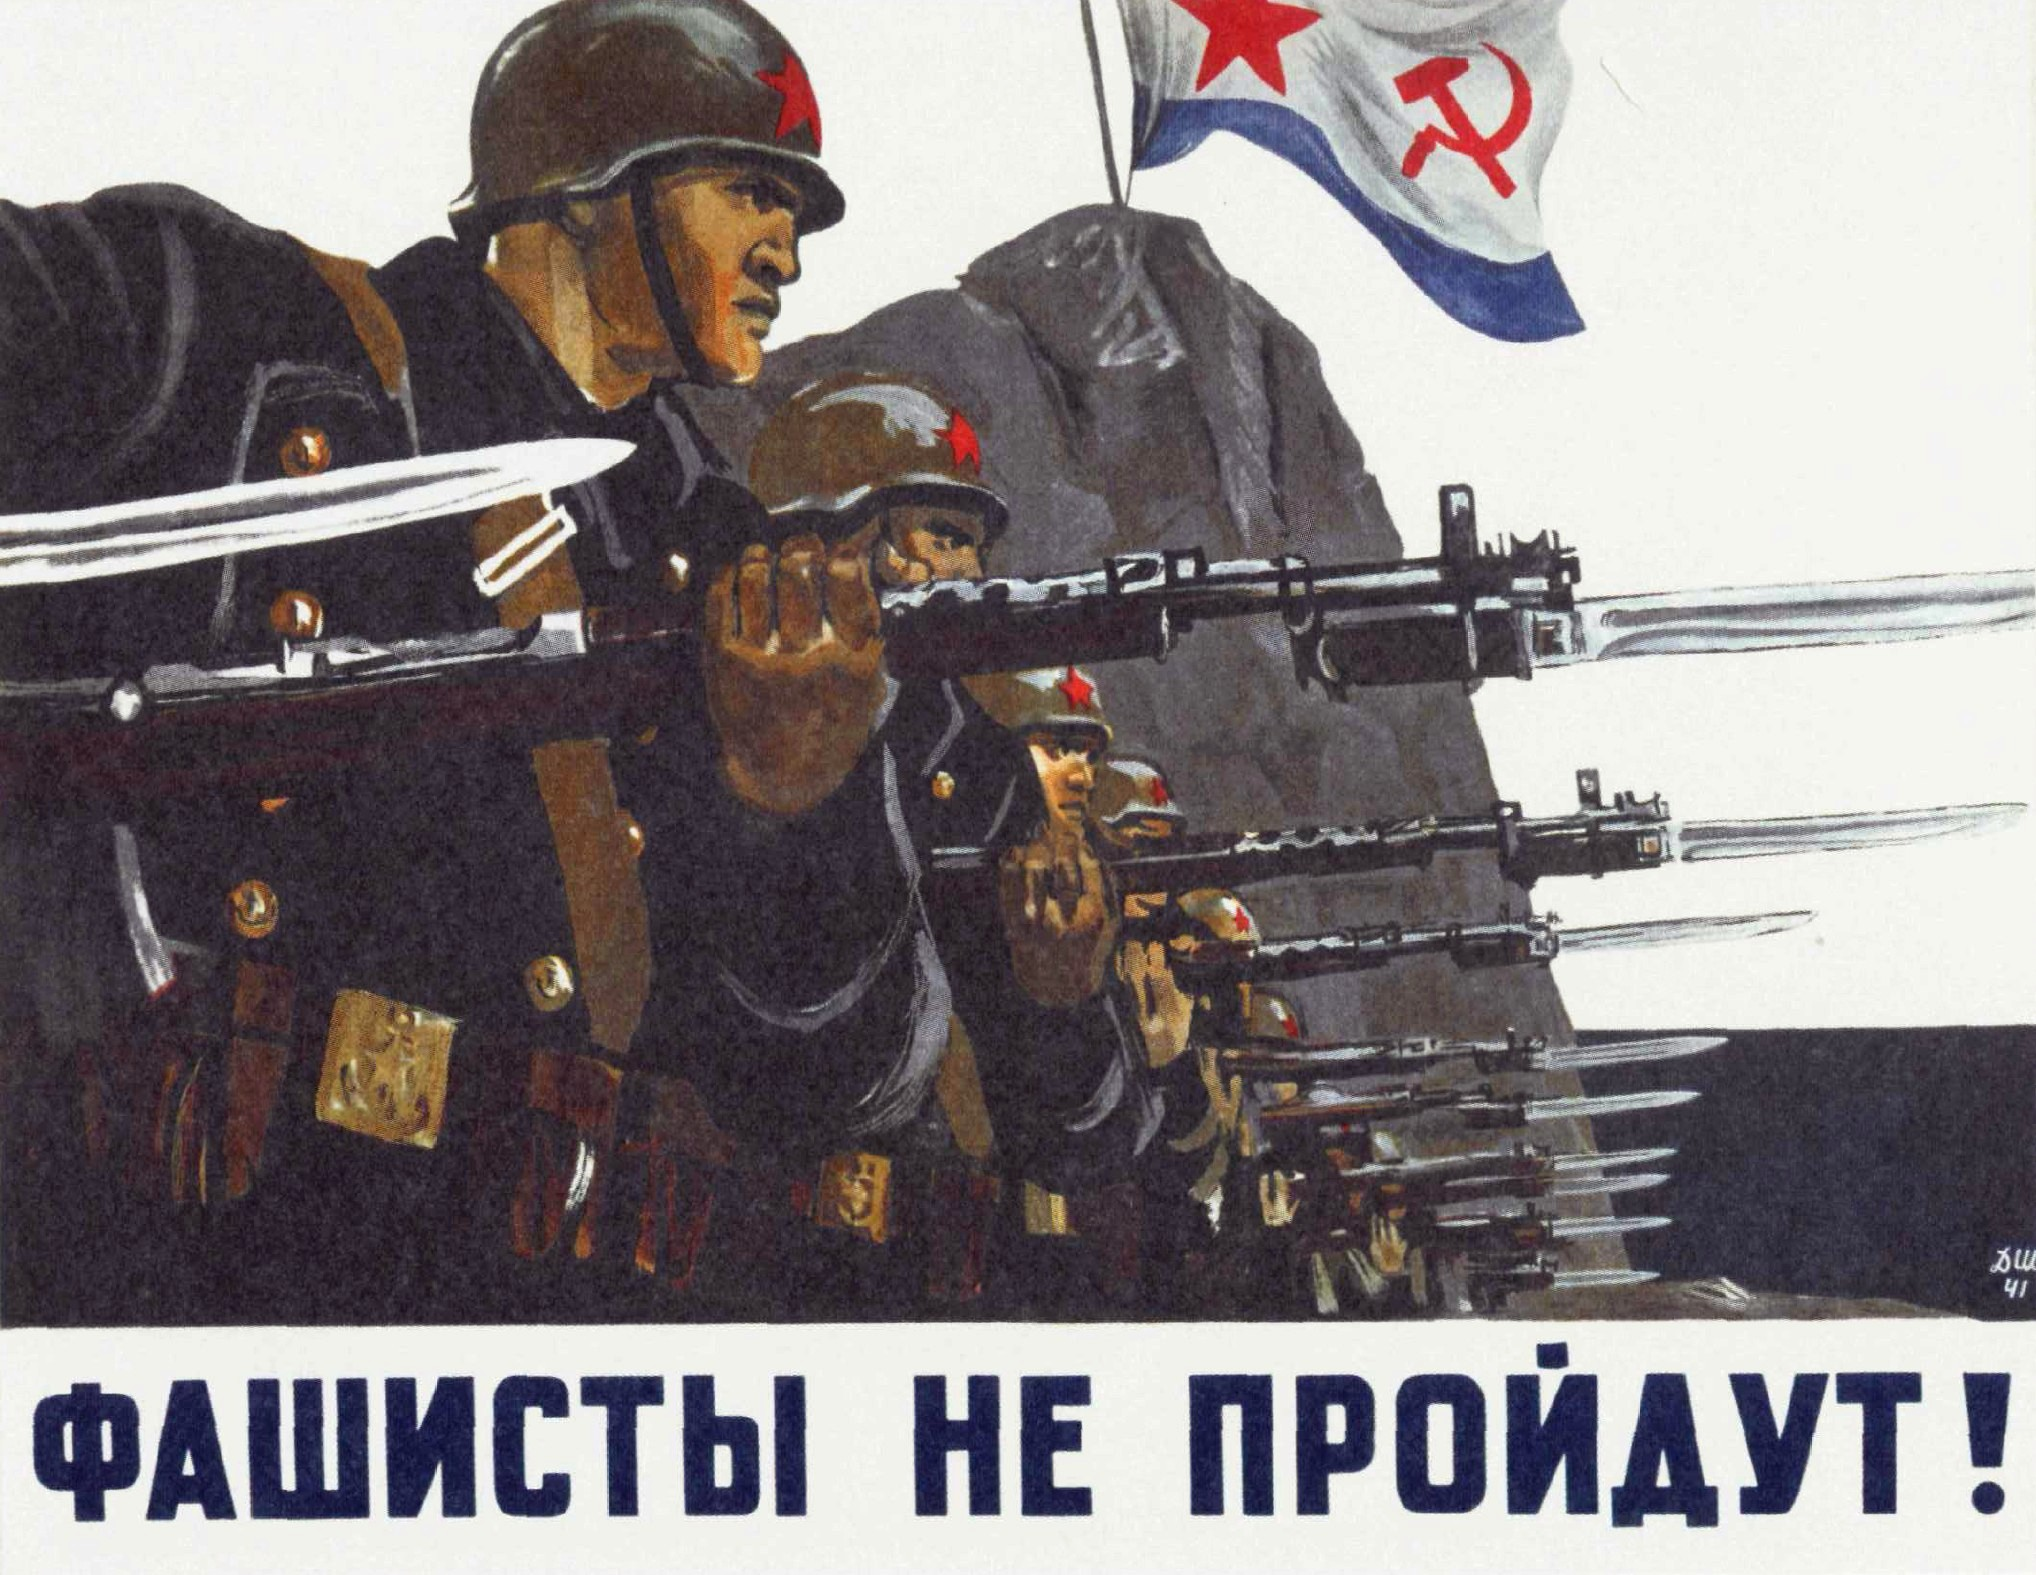 ОБРАЩЕНИЕ к  общественности «Фашизм не пройдет! Нет войне!»